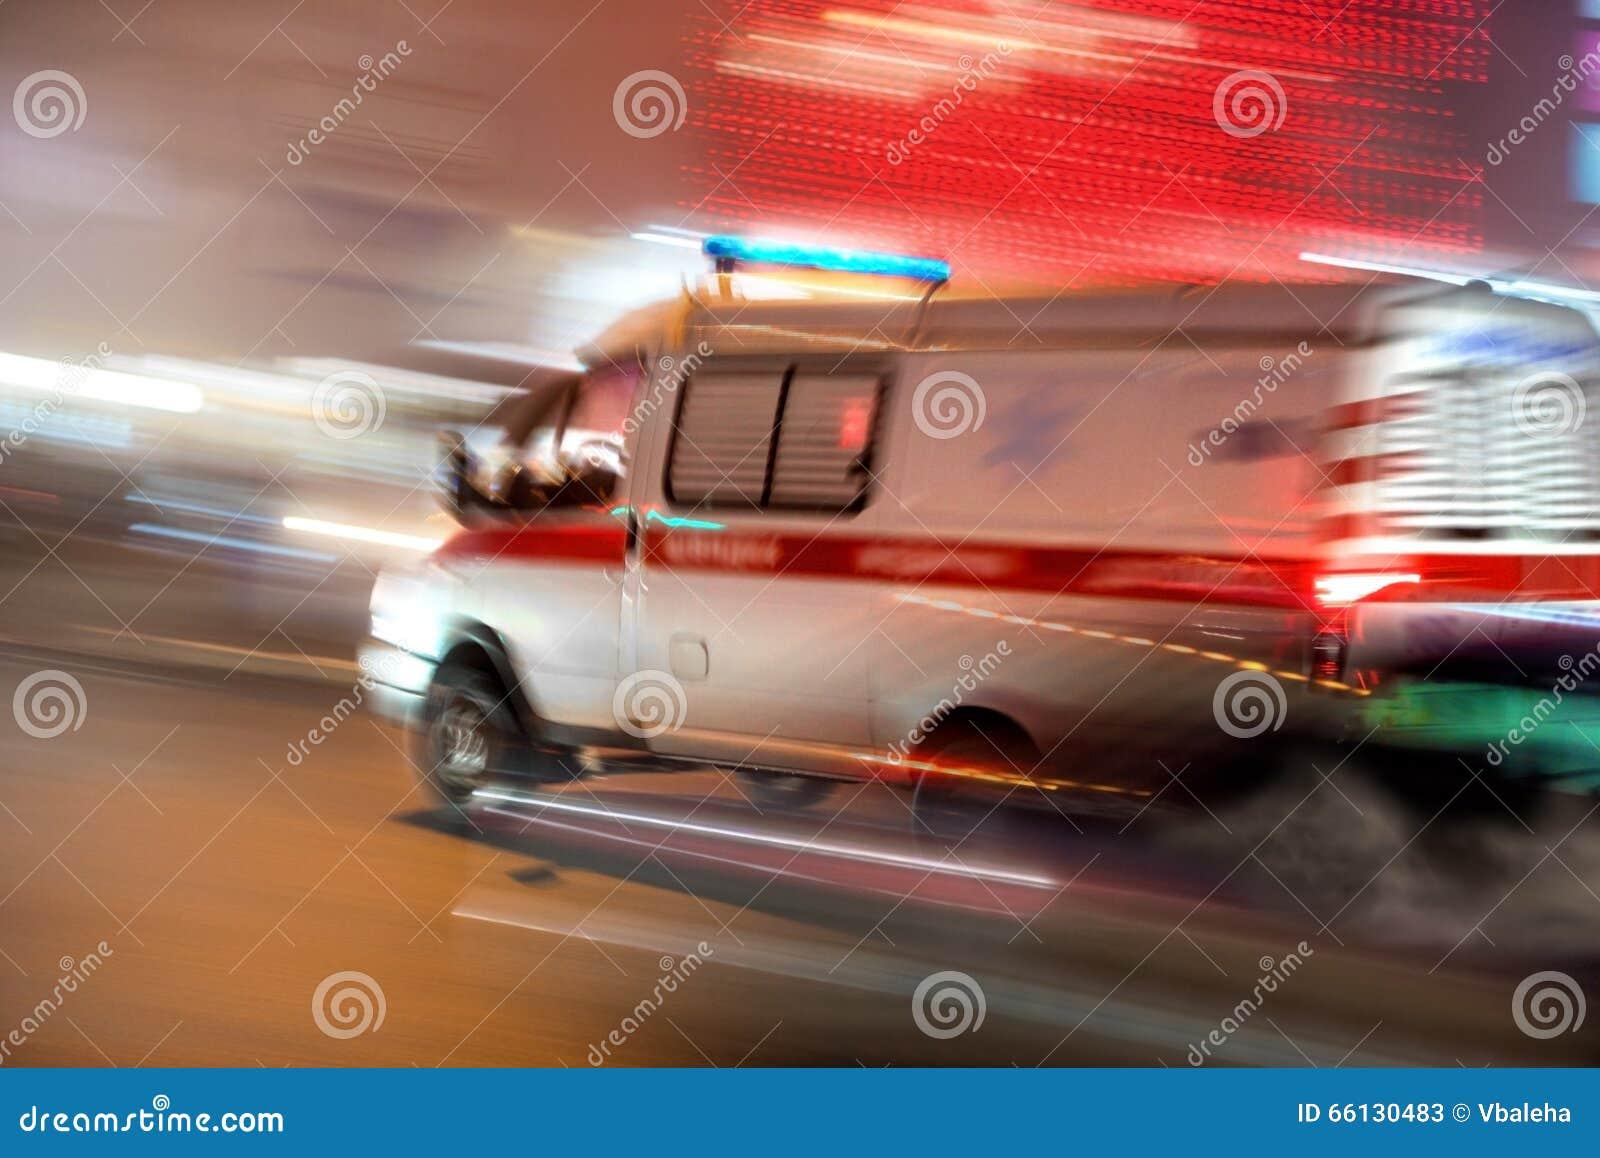 Krankenwagen in der Bewegung